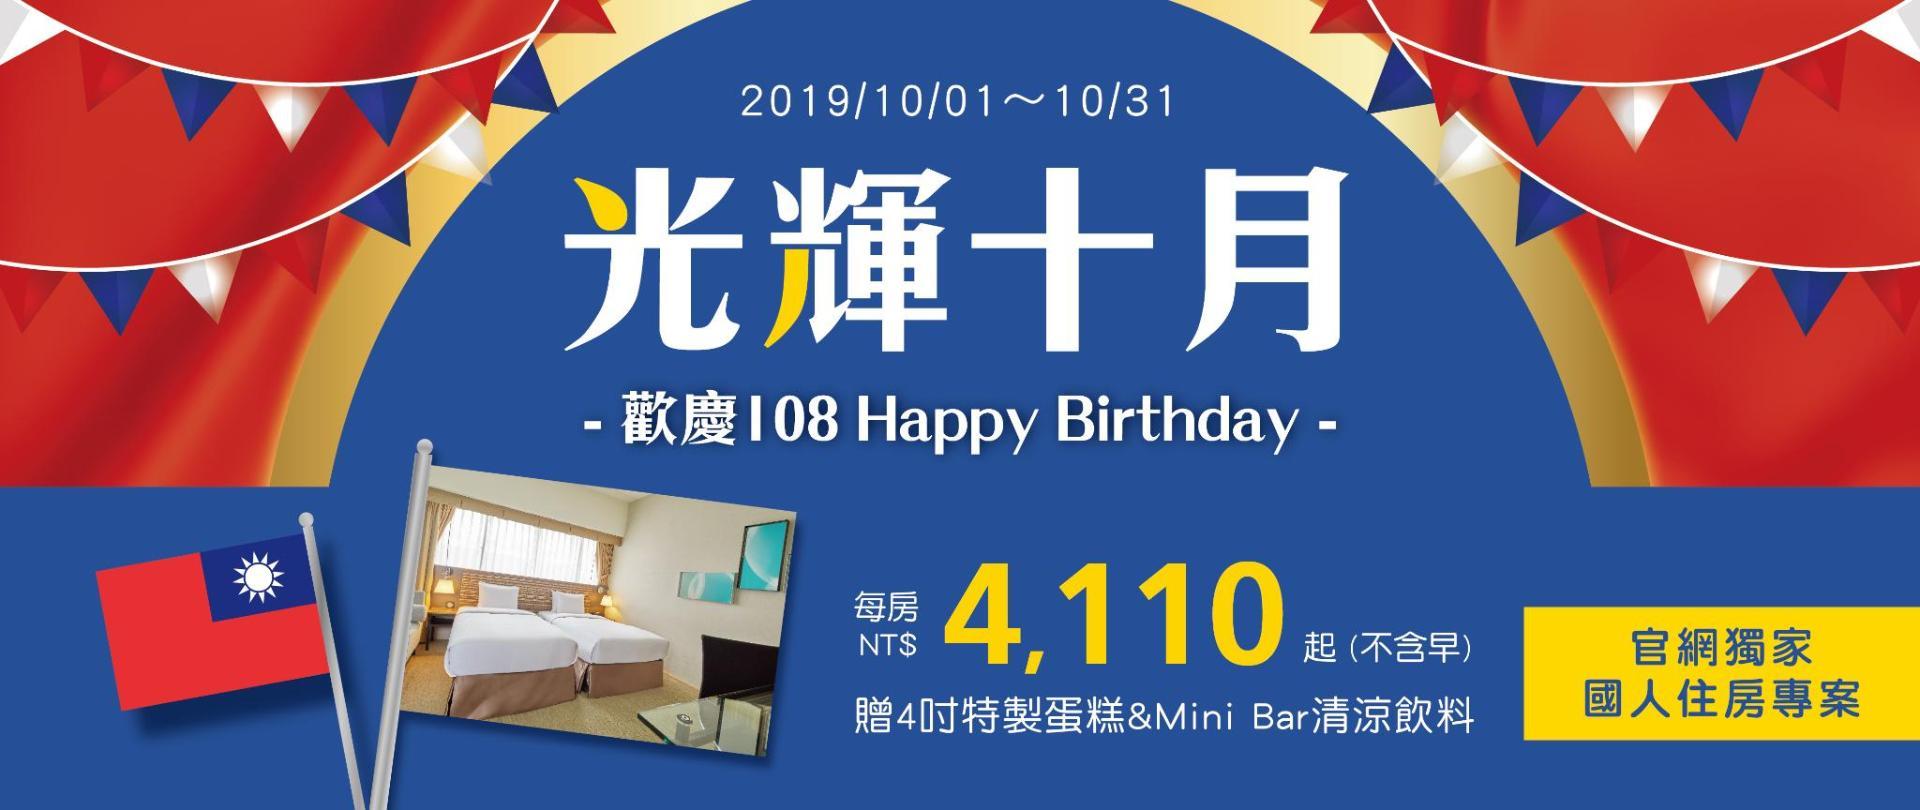 Slide Show1920X810_2019國慶住房專案-01.jpg